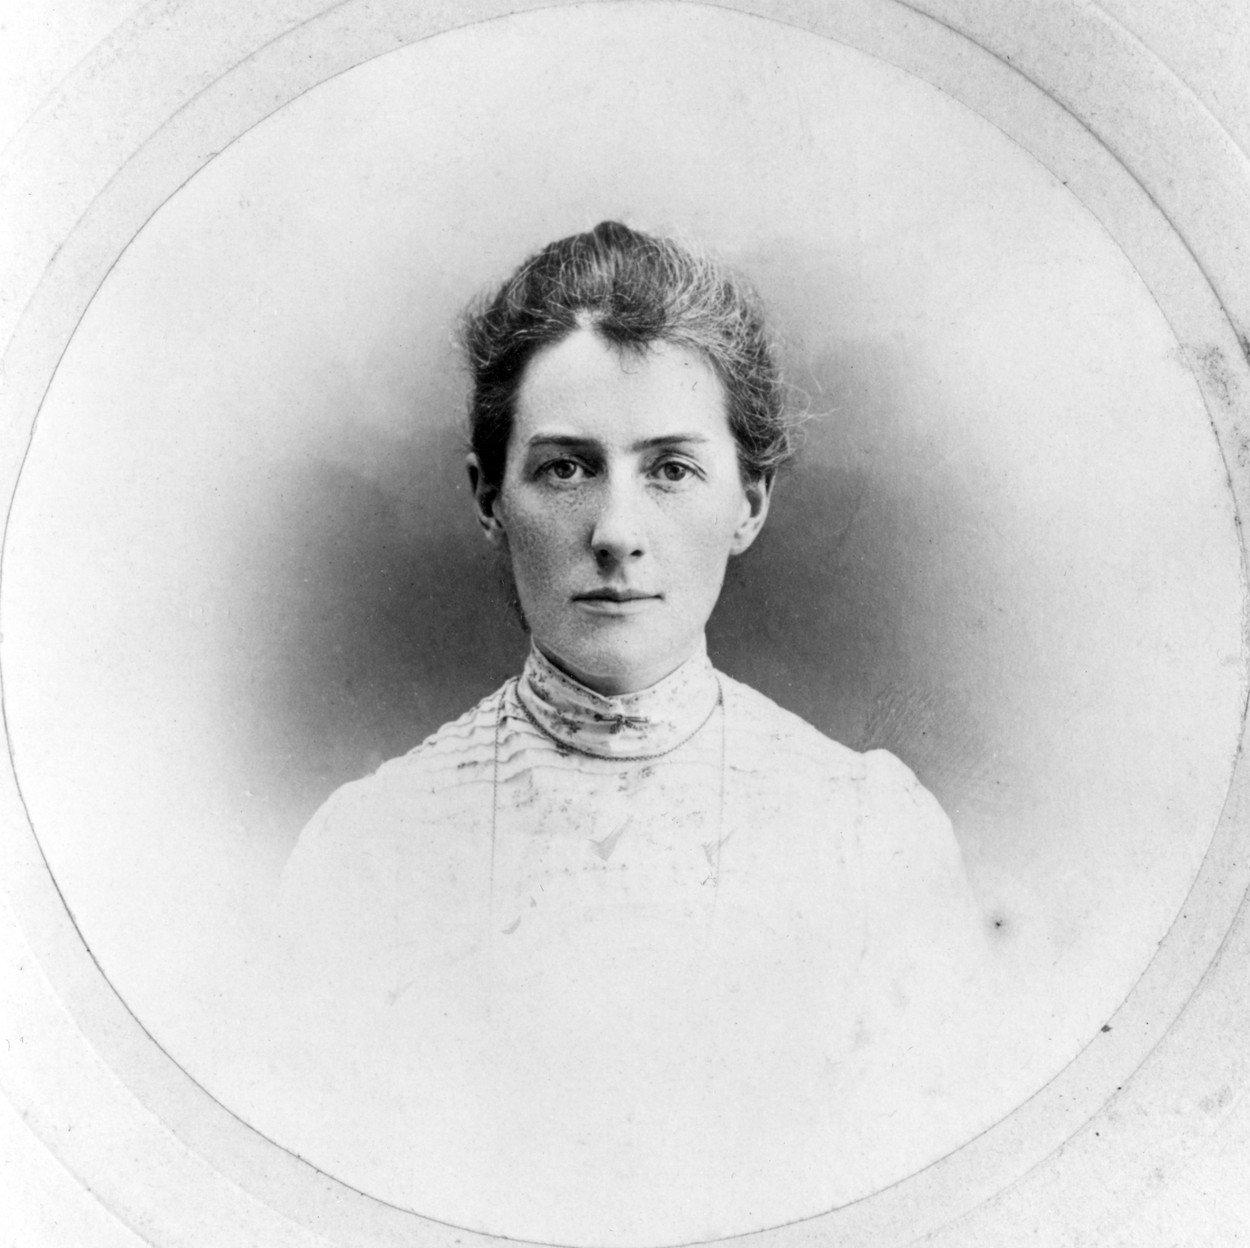 Edith Cavellová